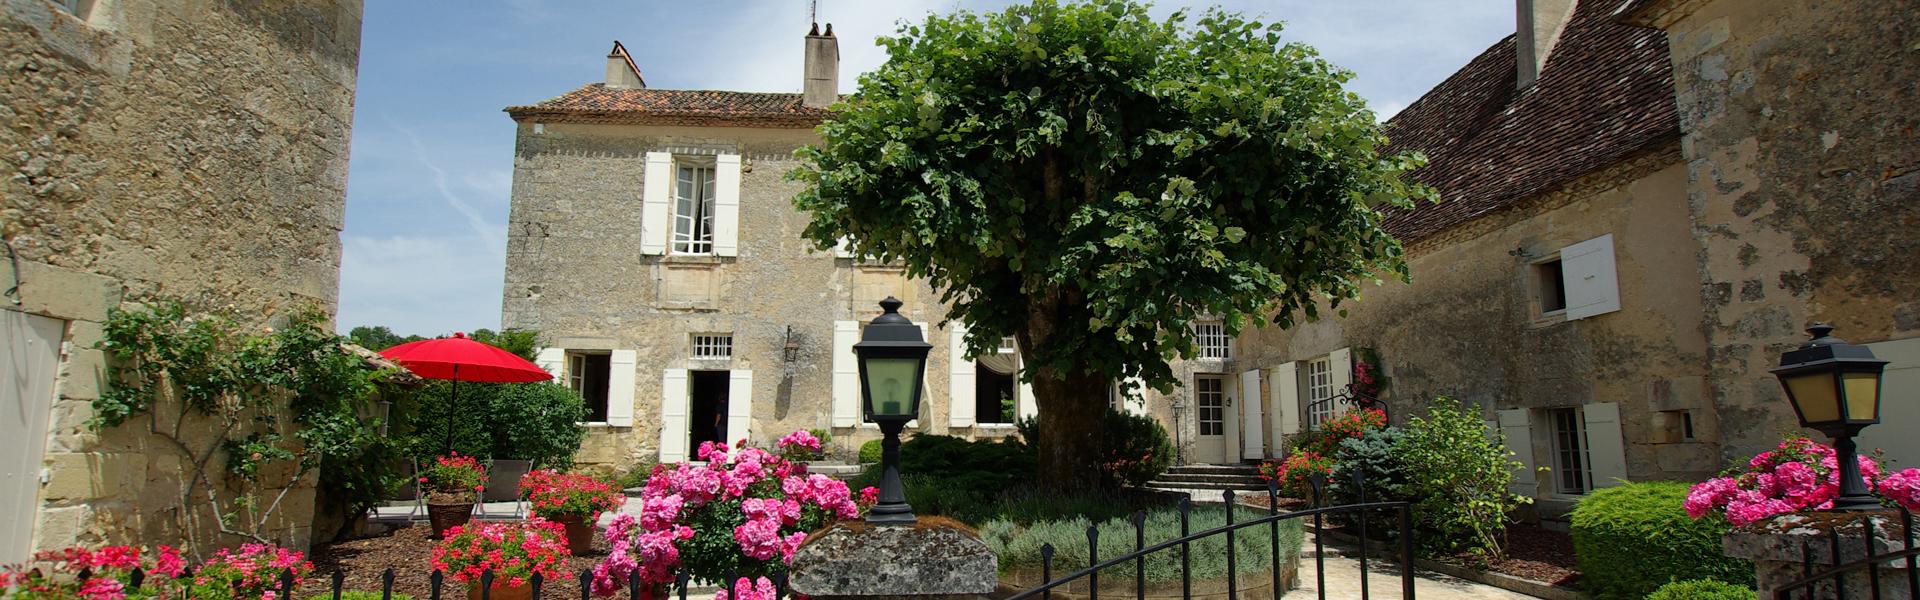 Vente propriété pas cher Dordogne jardin